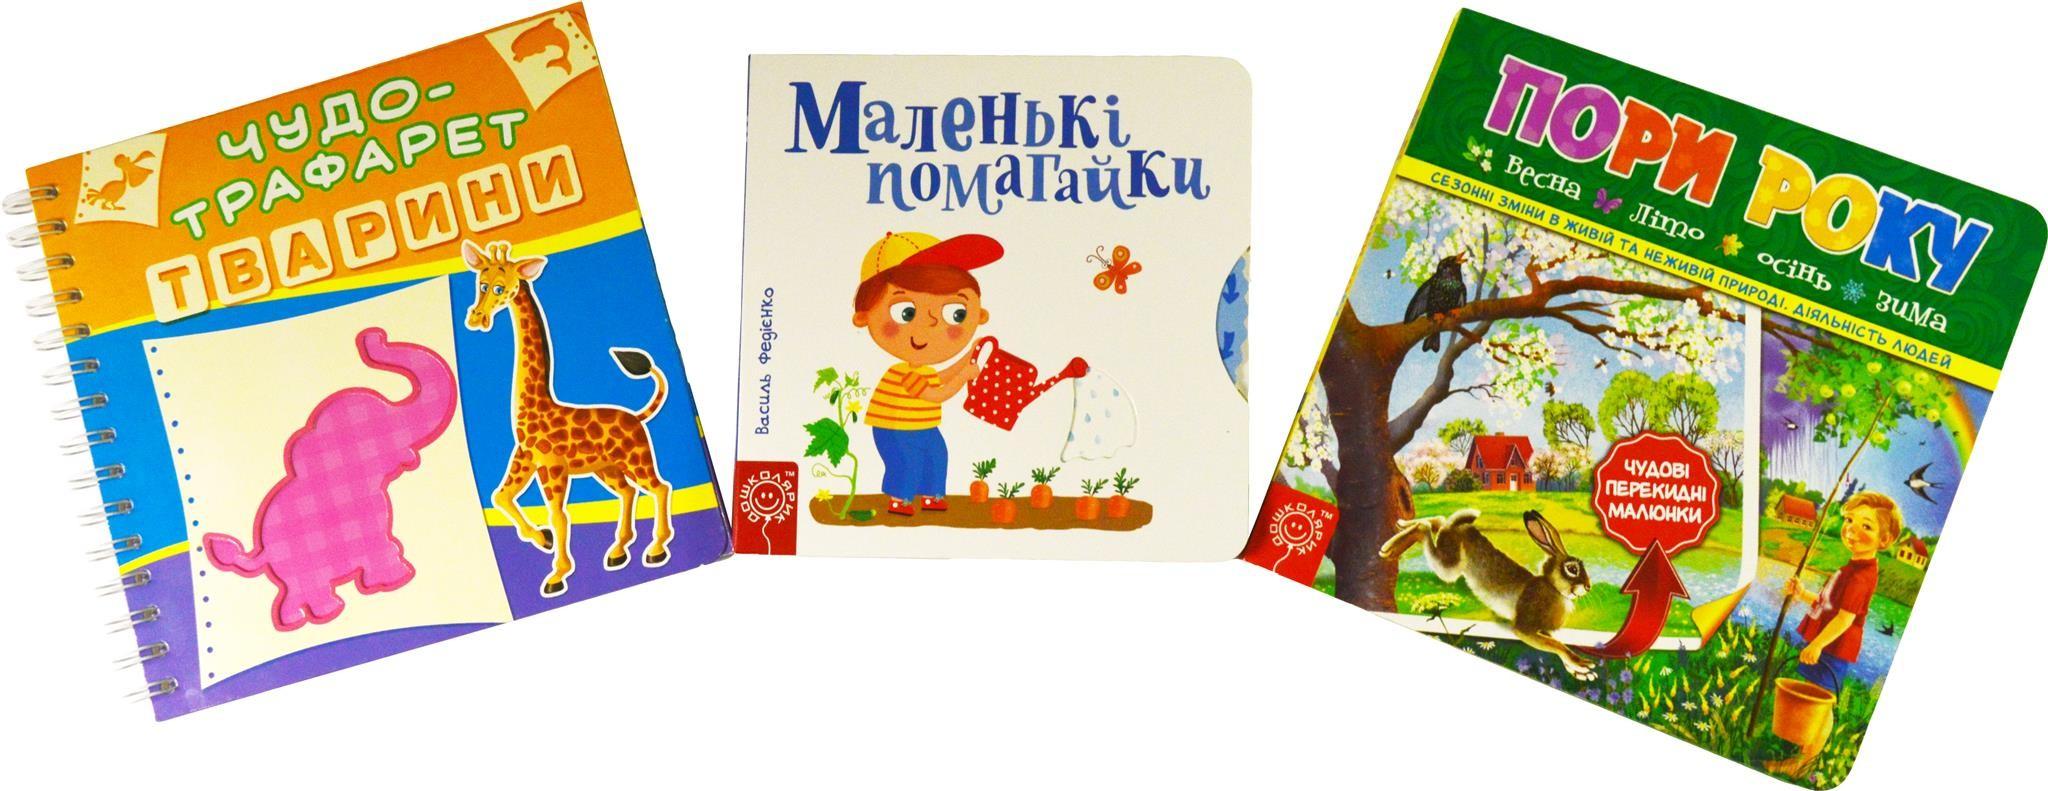 Книги для детей: развивающие книги